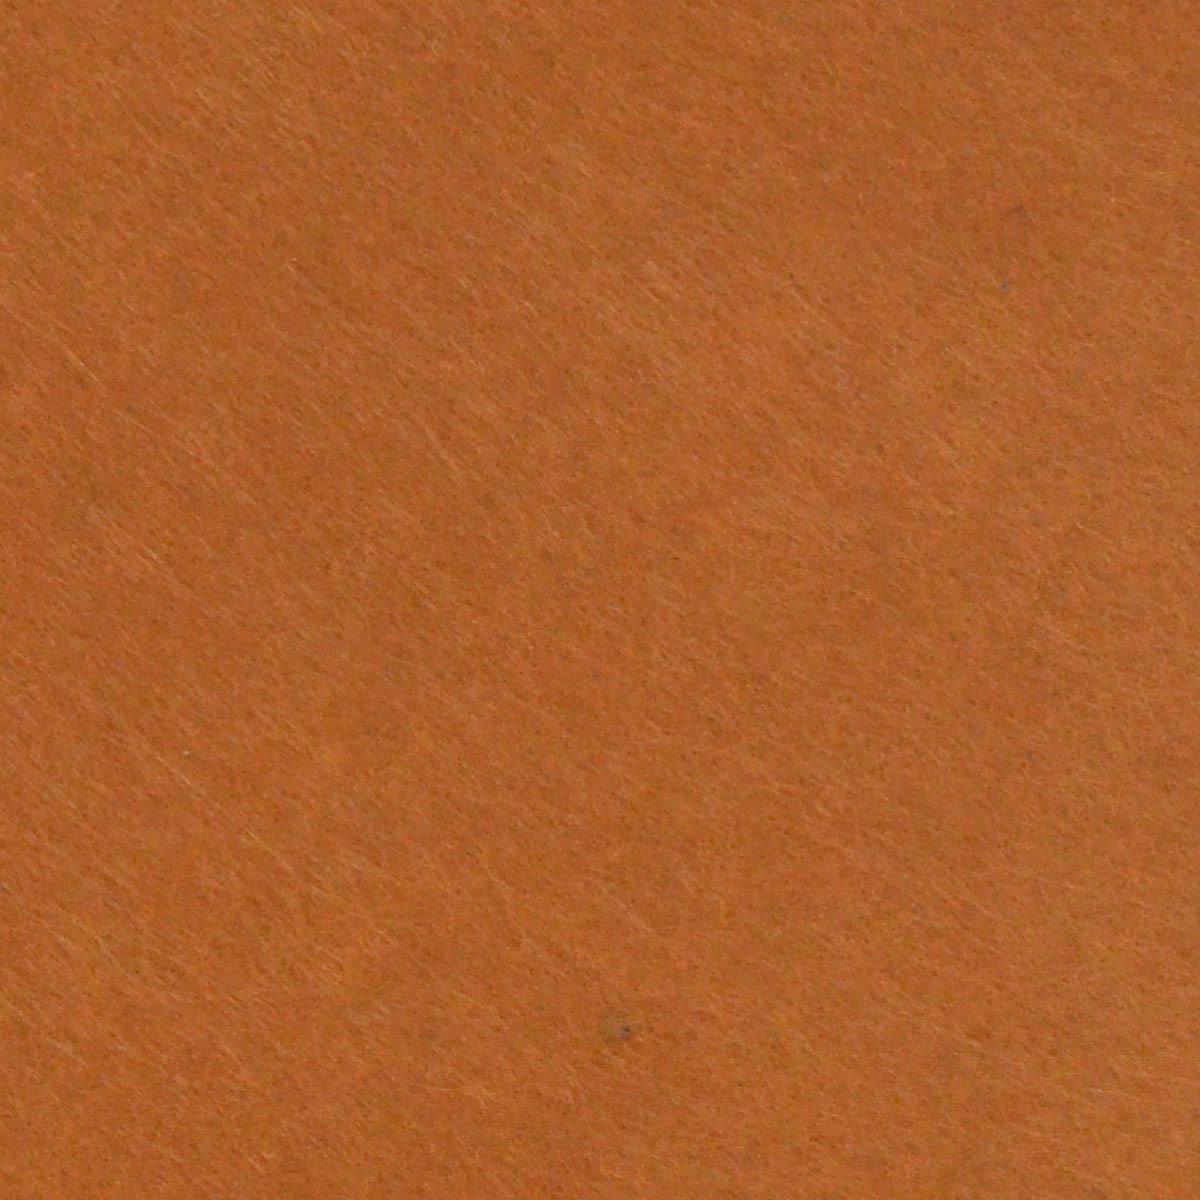 Набор Фетр жесткий, коричневый, 21*30см (10л)